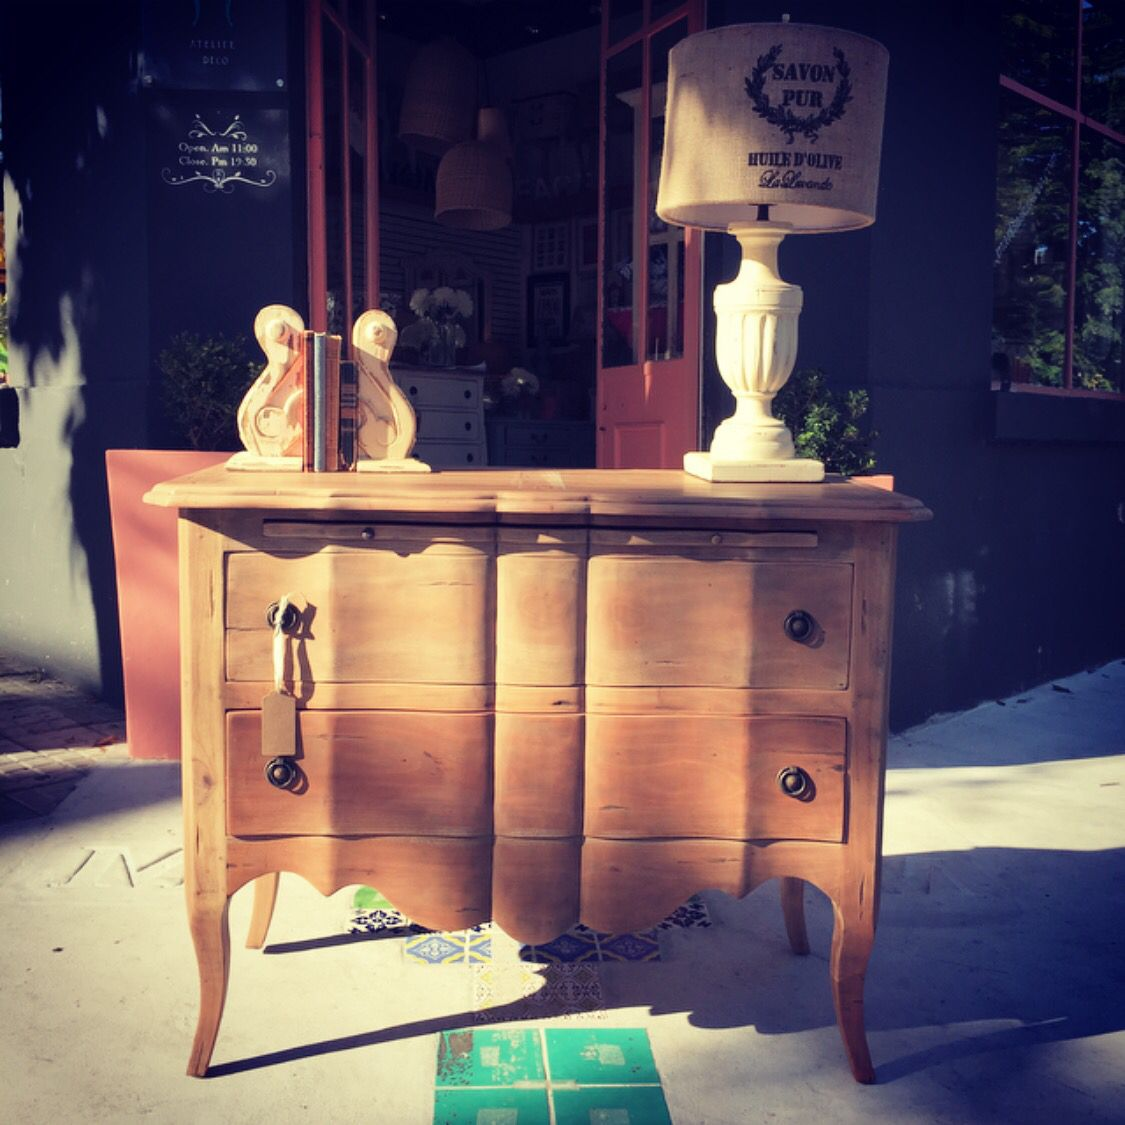 Cual Es Tu Estilo Muebles Martinikadeco Interiores Mesasdeluz  # Muebles Hoja De Platano